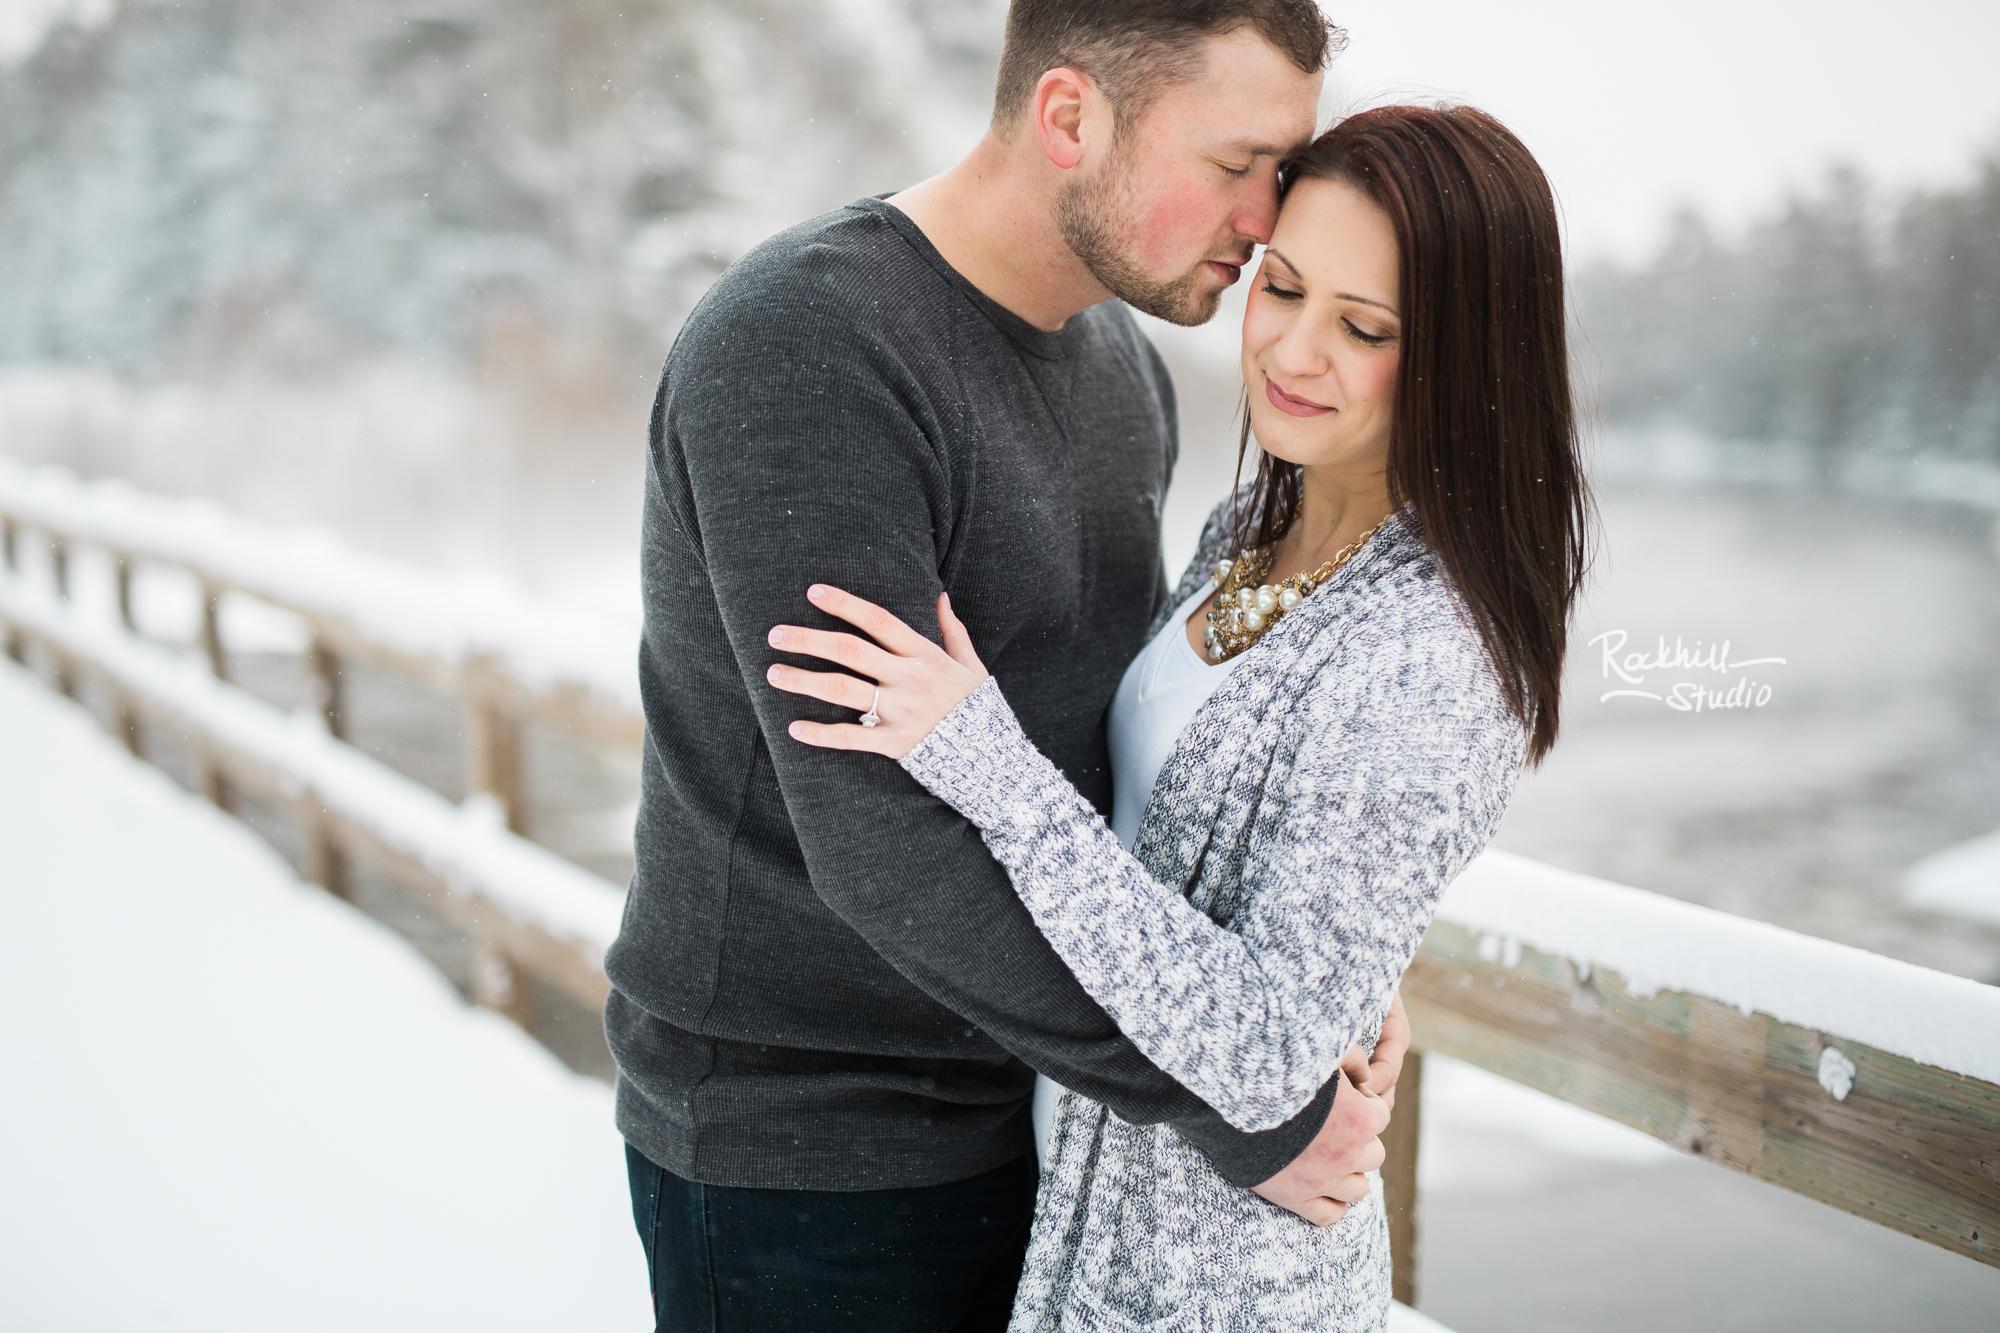 northern-michigan-engagement-photogrpher-wedding-manistique-winter-bridge-5.jpg